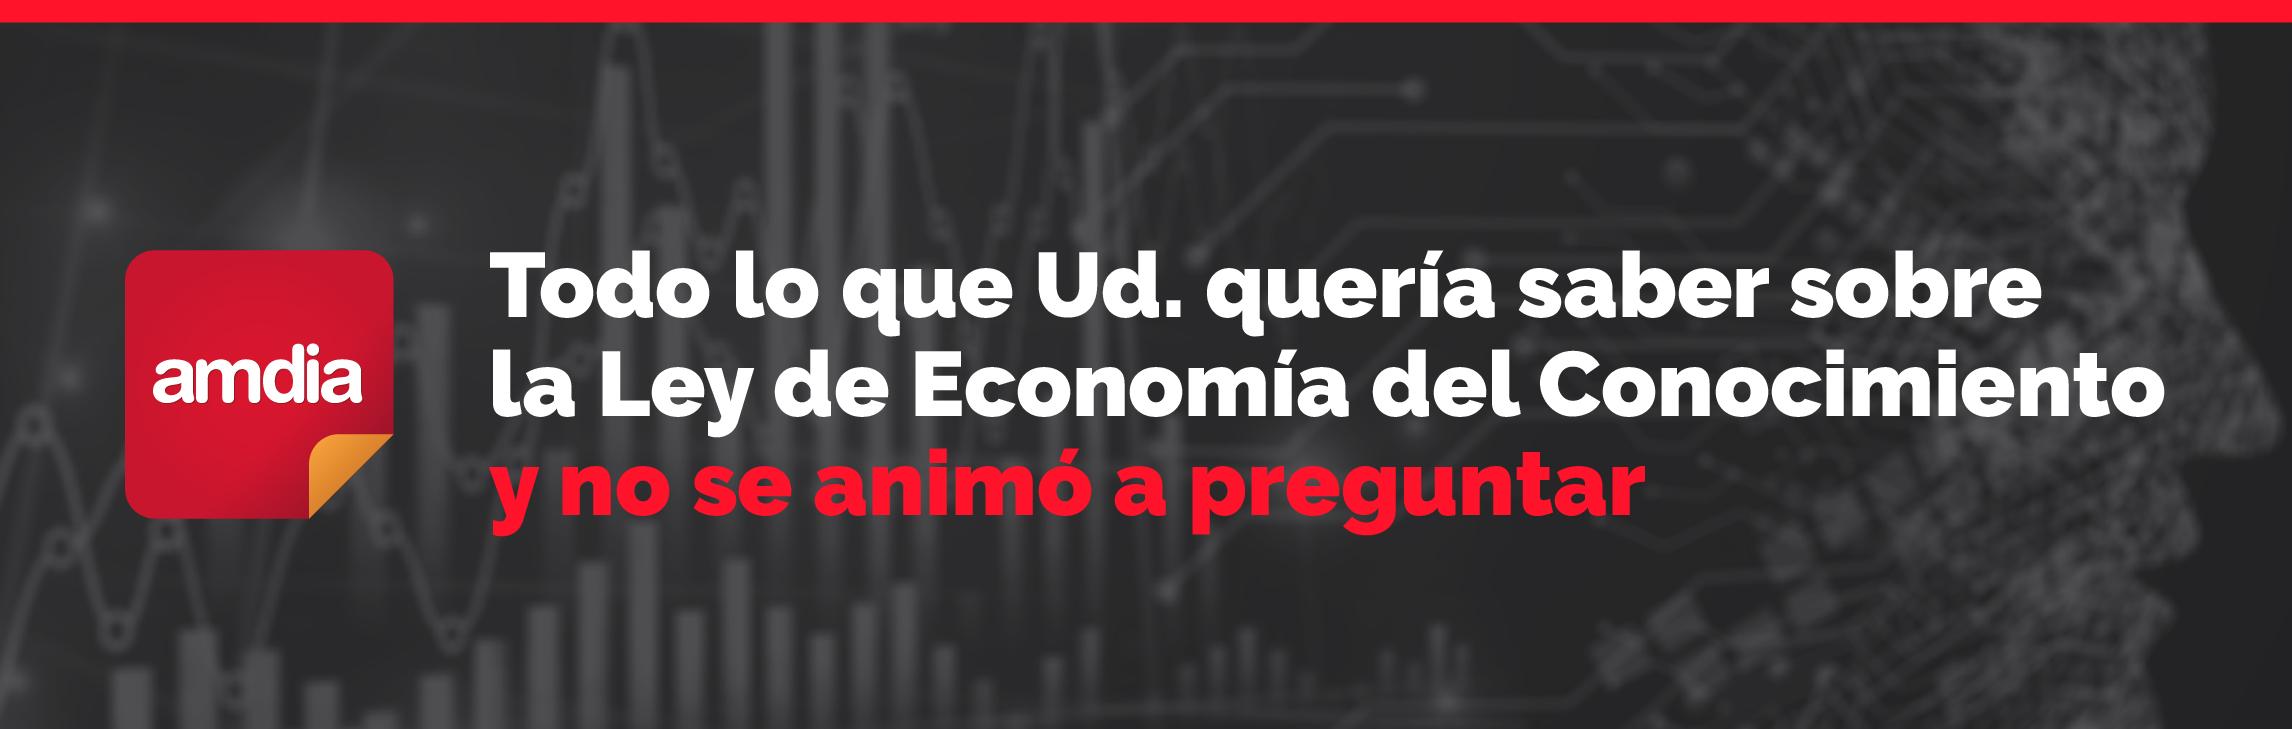 LeyDeEconomiaDelConocimiento_Agenda